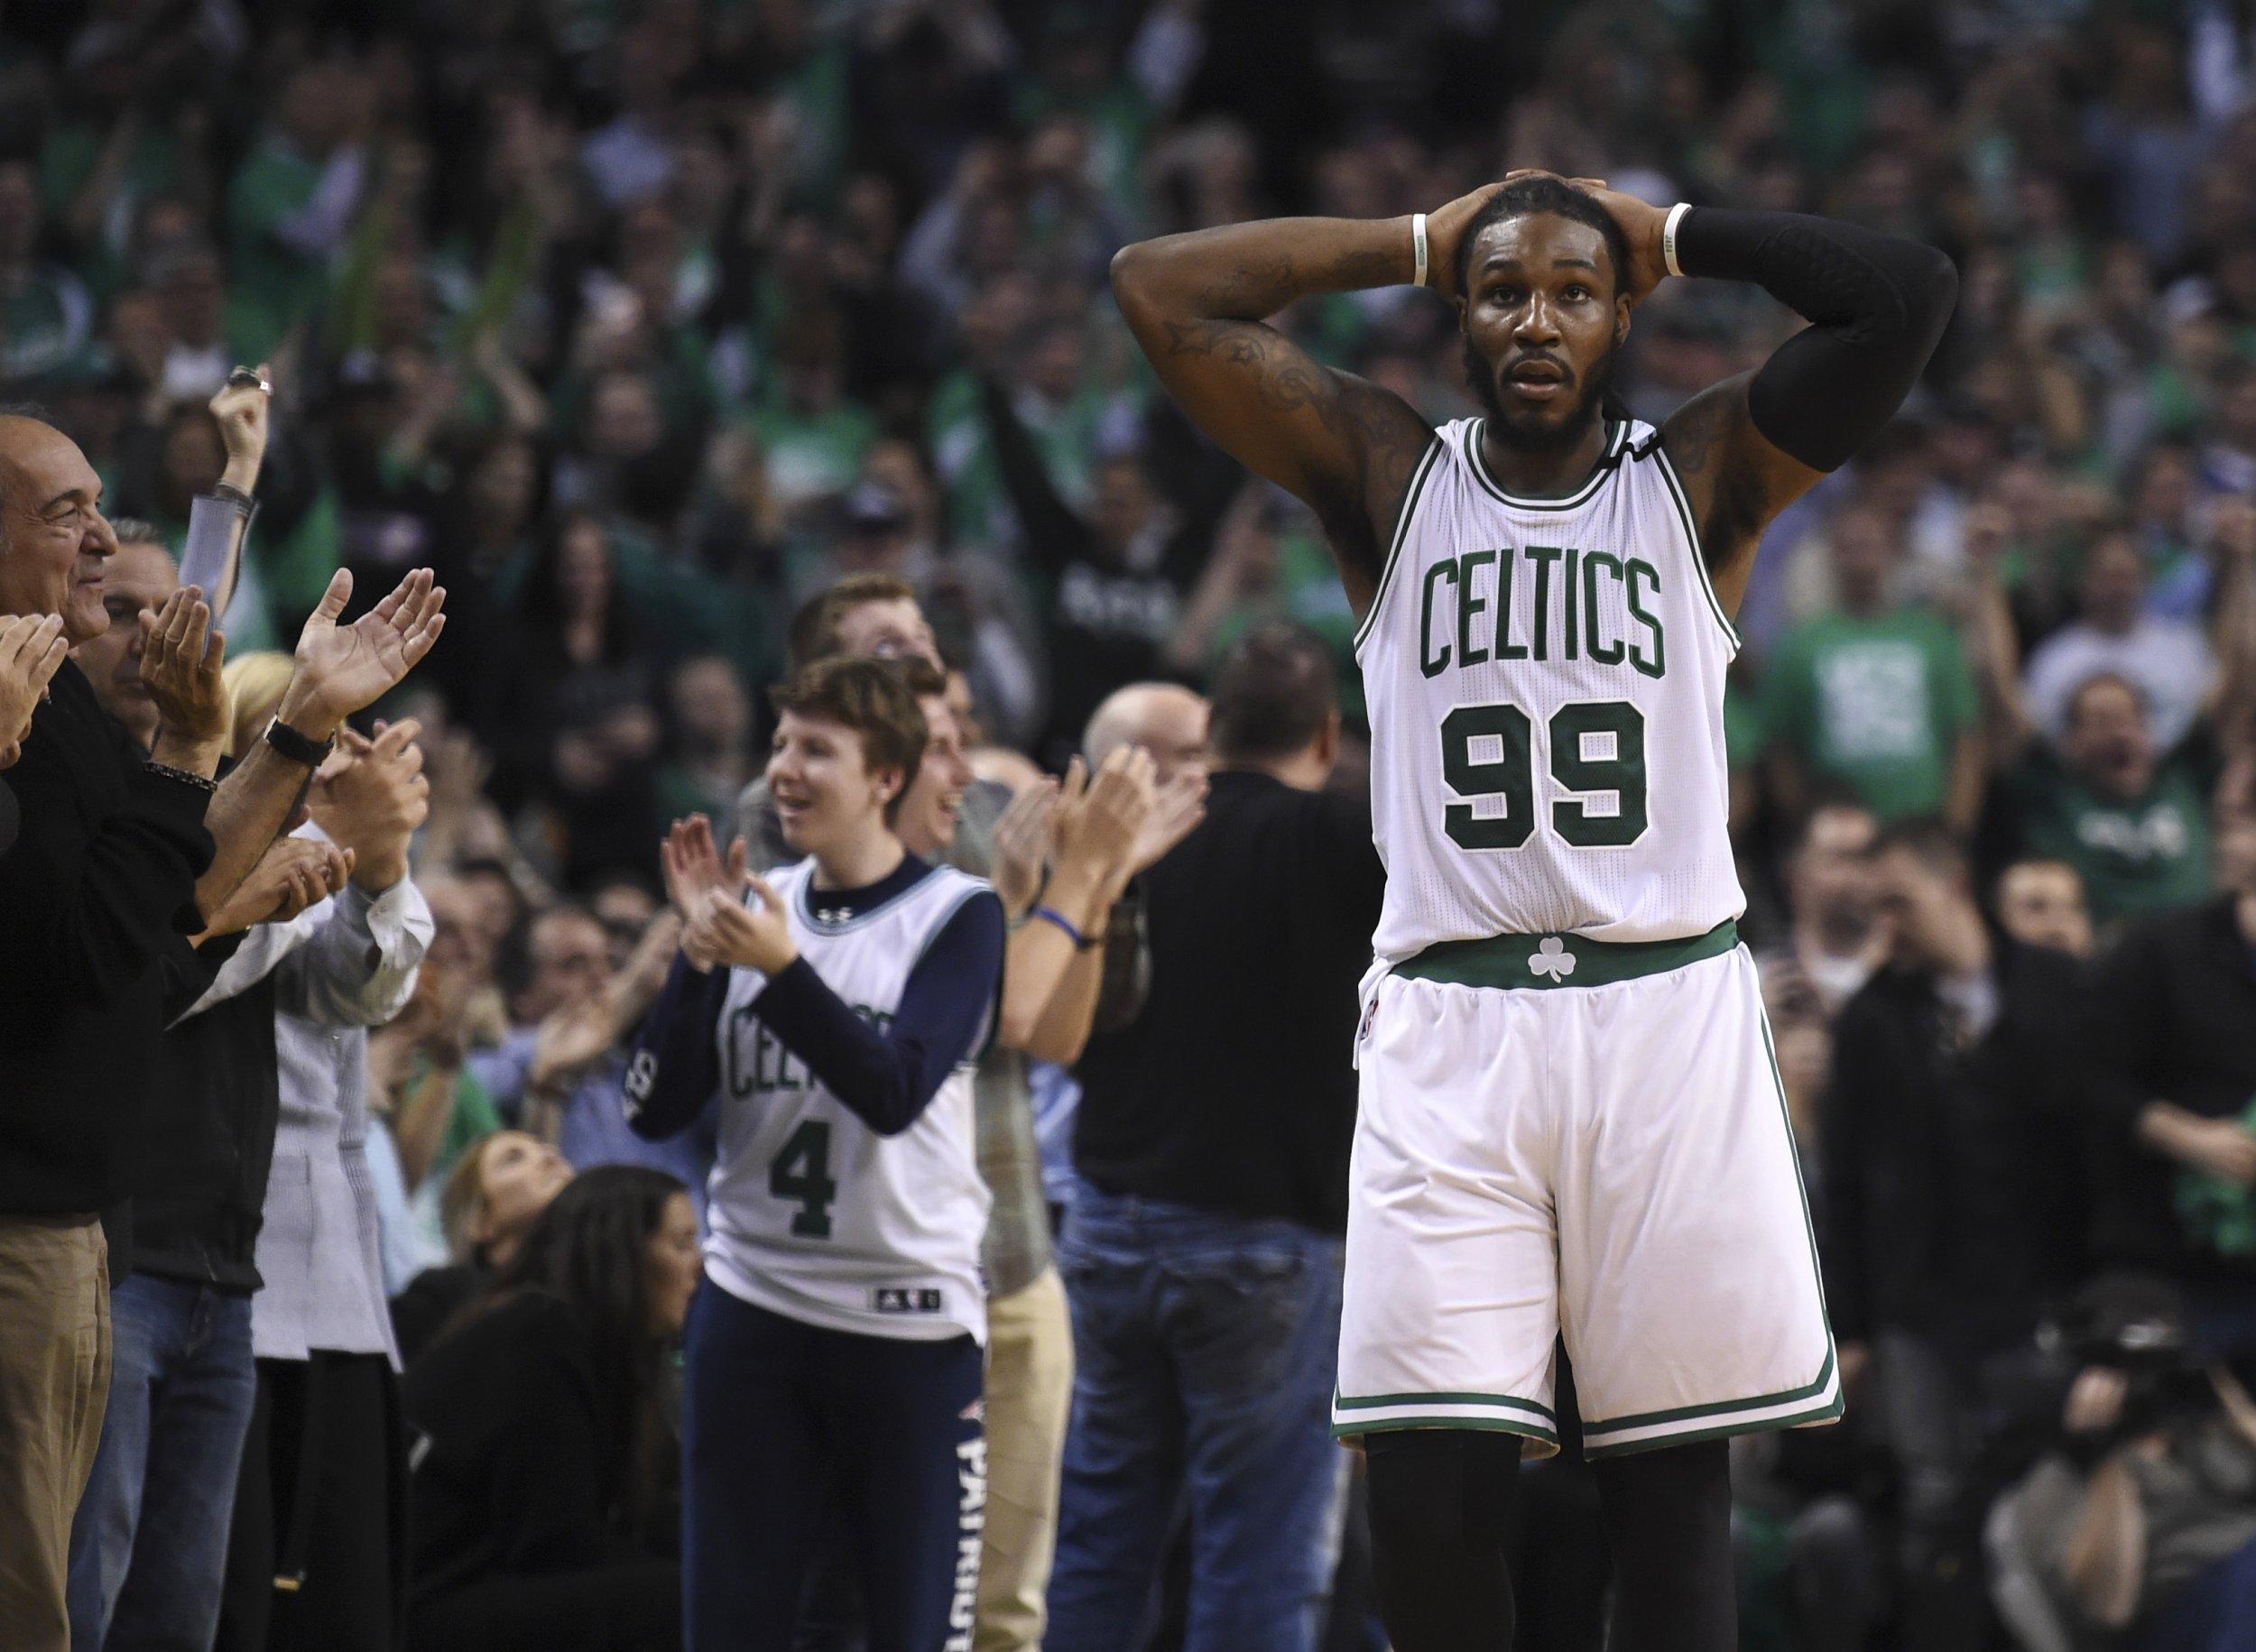 Boston Celtics Record 2017 >> Boston Celtics Win 2017 NBA Draft Lottery, L.A. Lakers Second